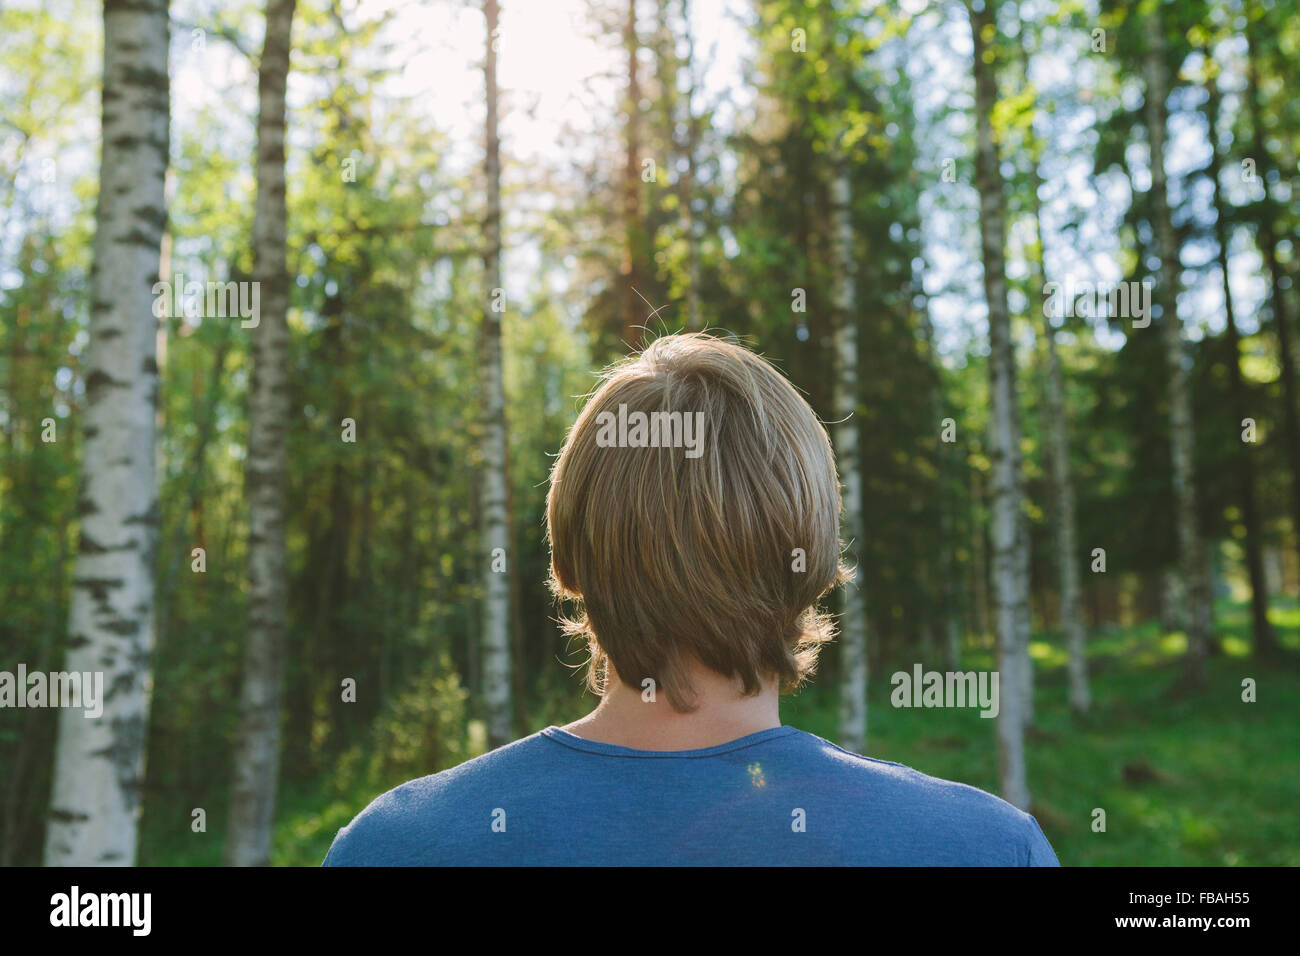 Finnland, Mellersta Finnland, Jyväskylä, Saakoski, junger Mann, Blick auf Wald Stockbild